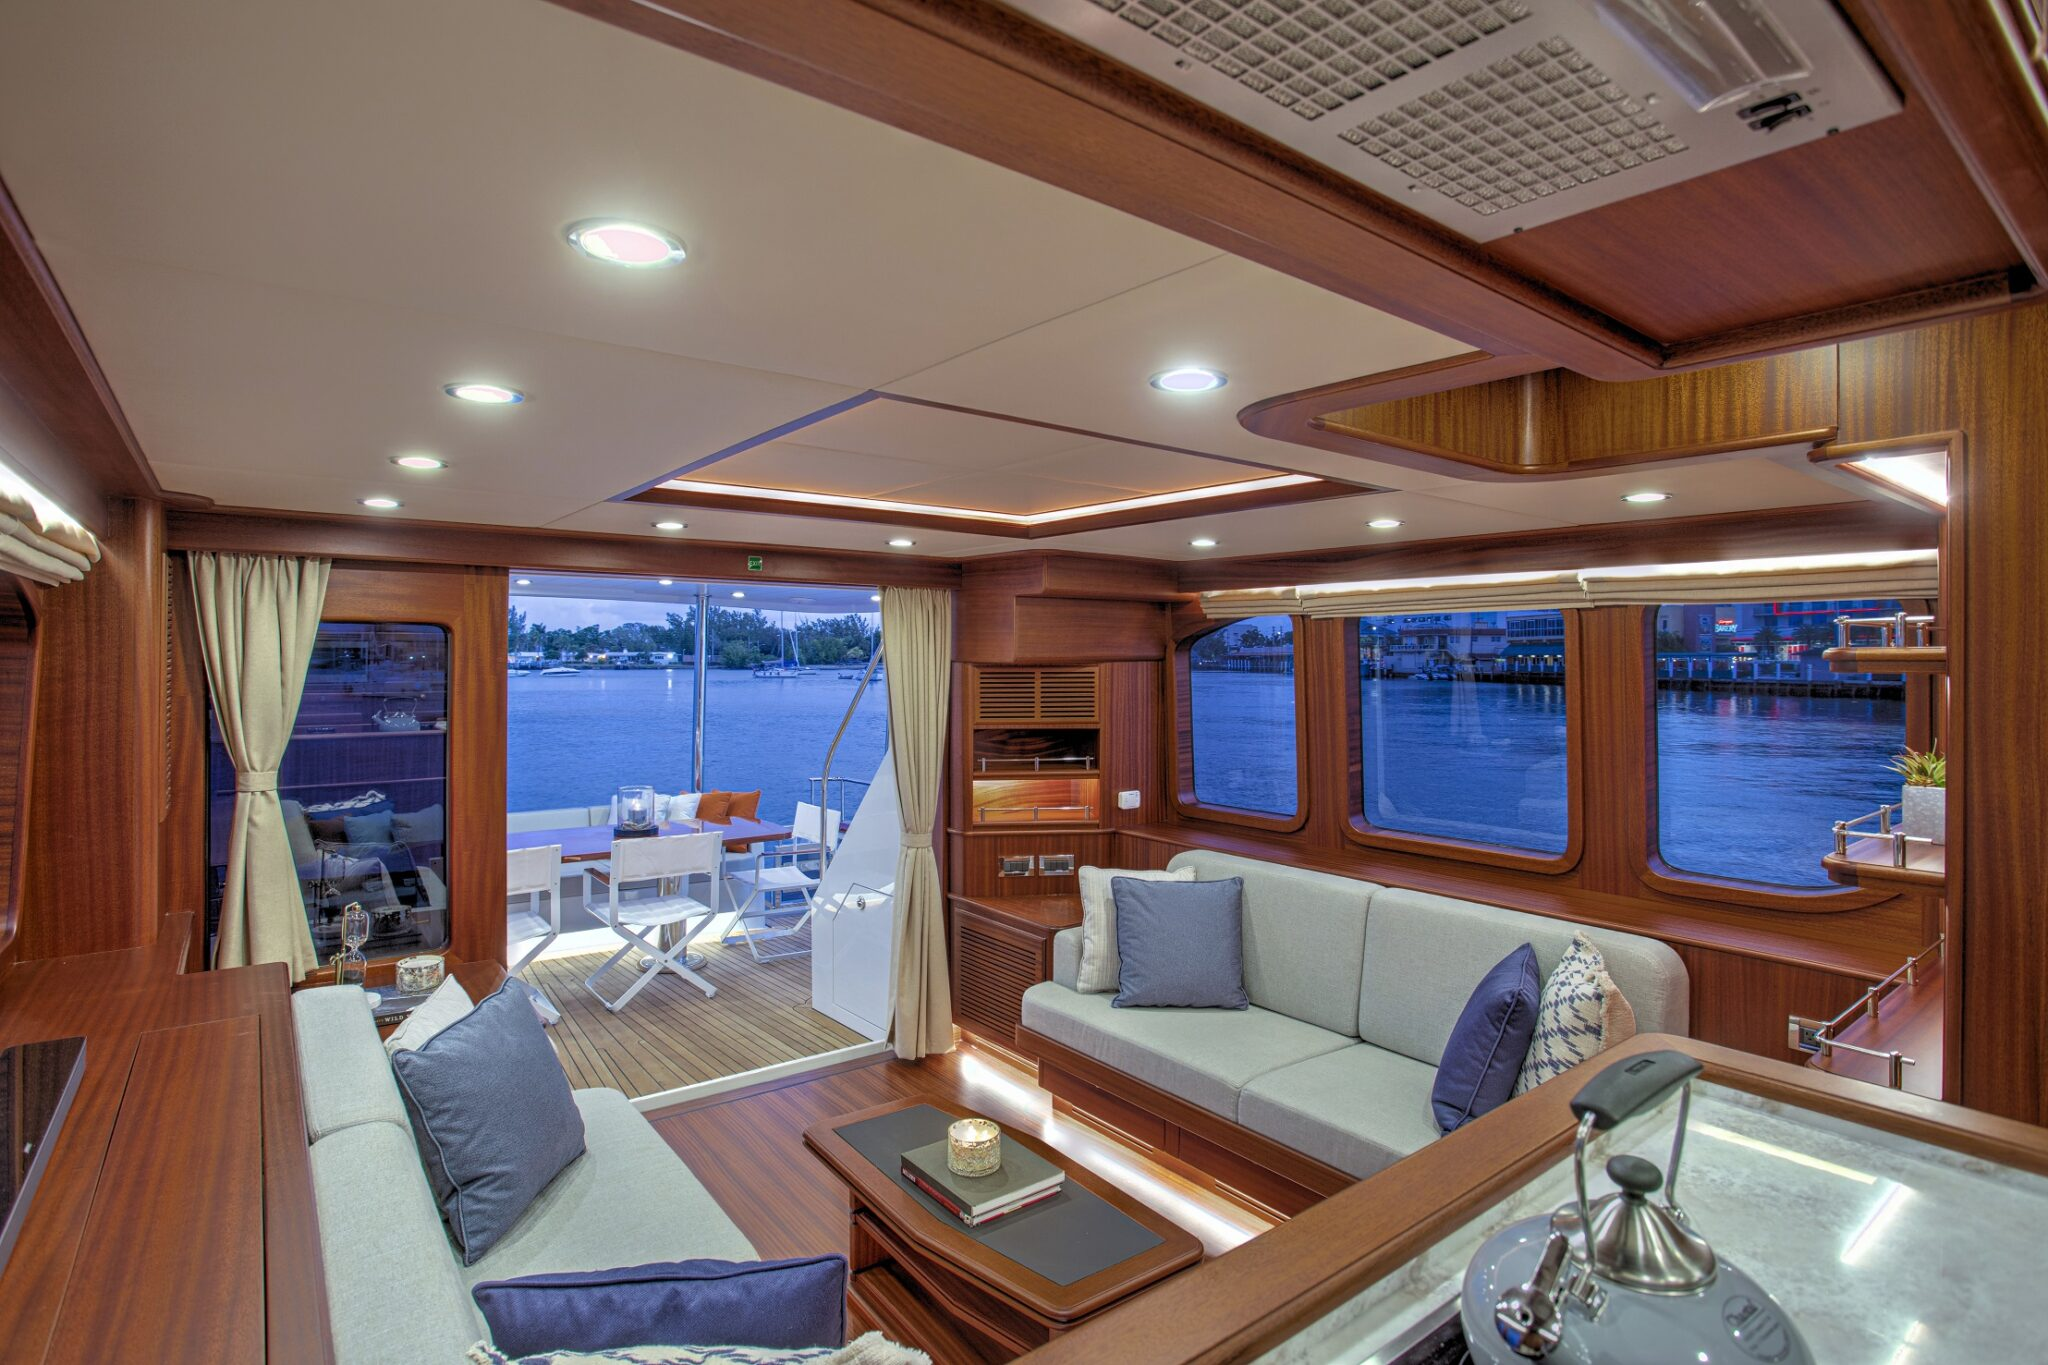 67 Vicem Cruiser for sale Flagler Yachts Salon Aft